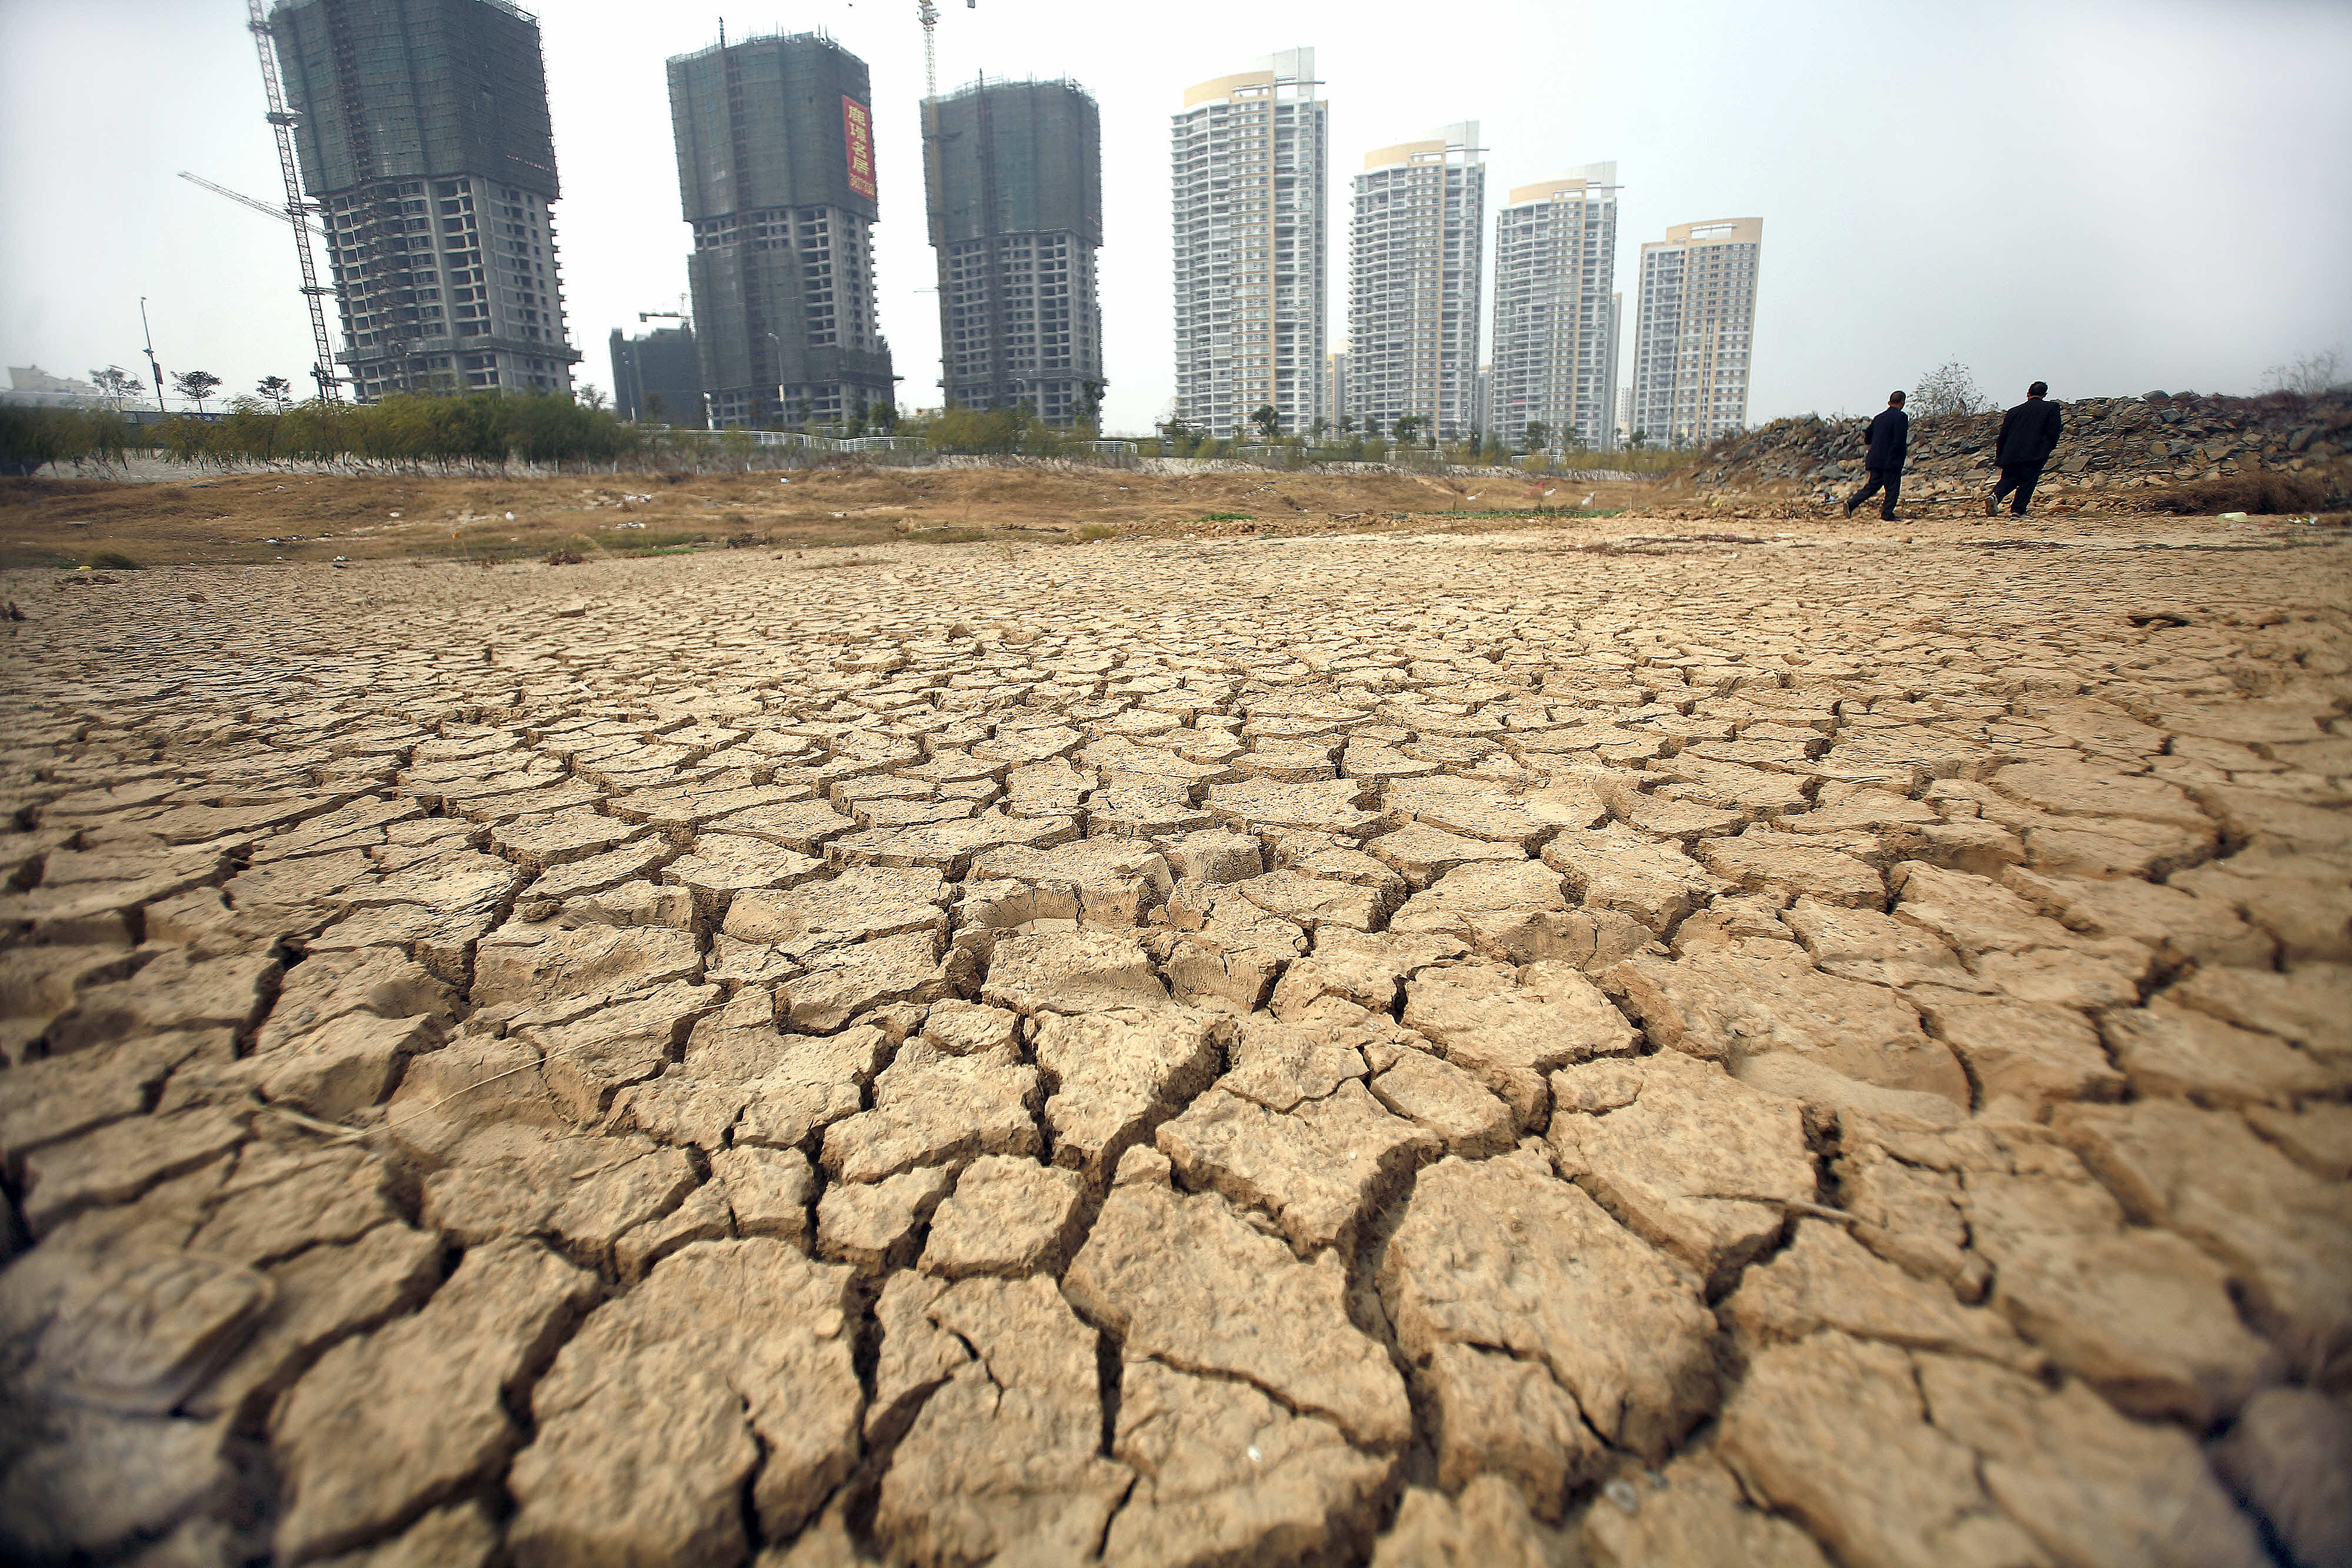 Már az emberiség élelmiszerellátását fenyegeti a klímaváltozás